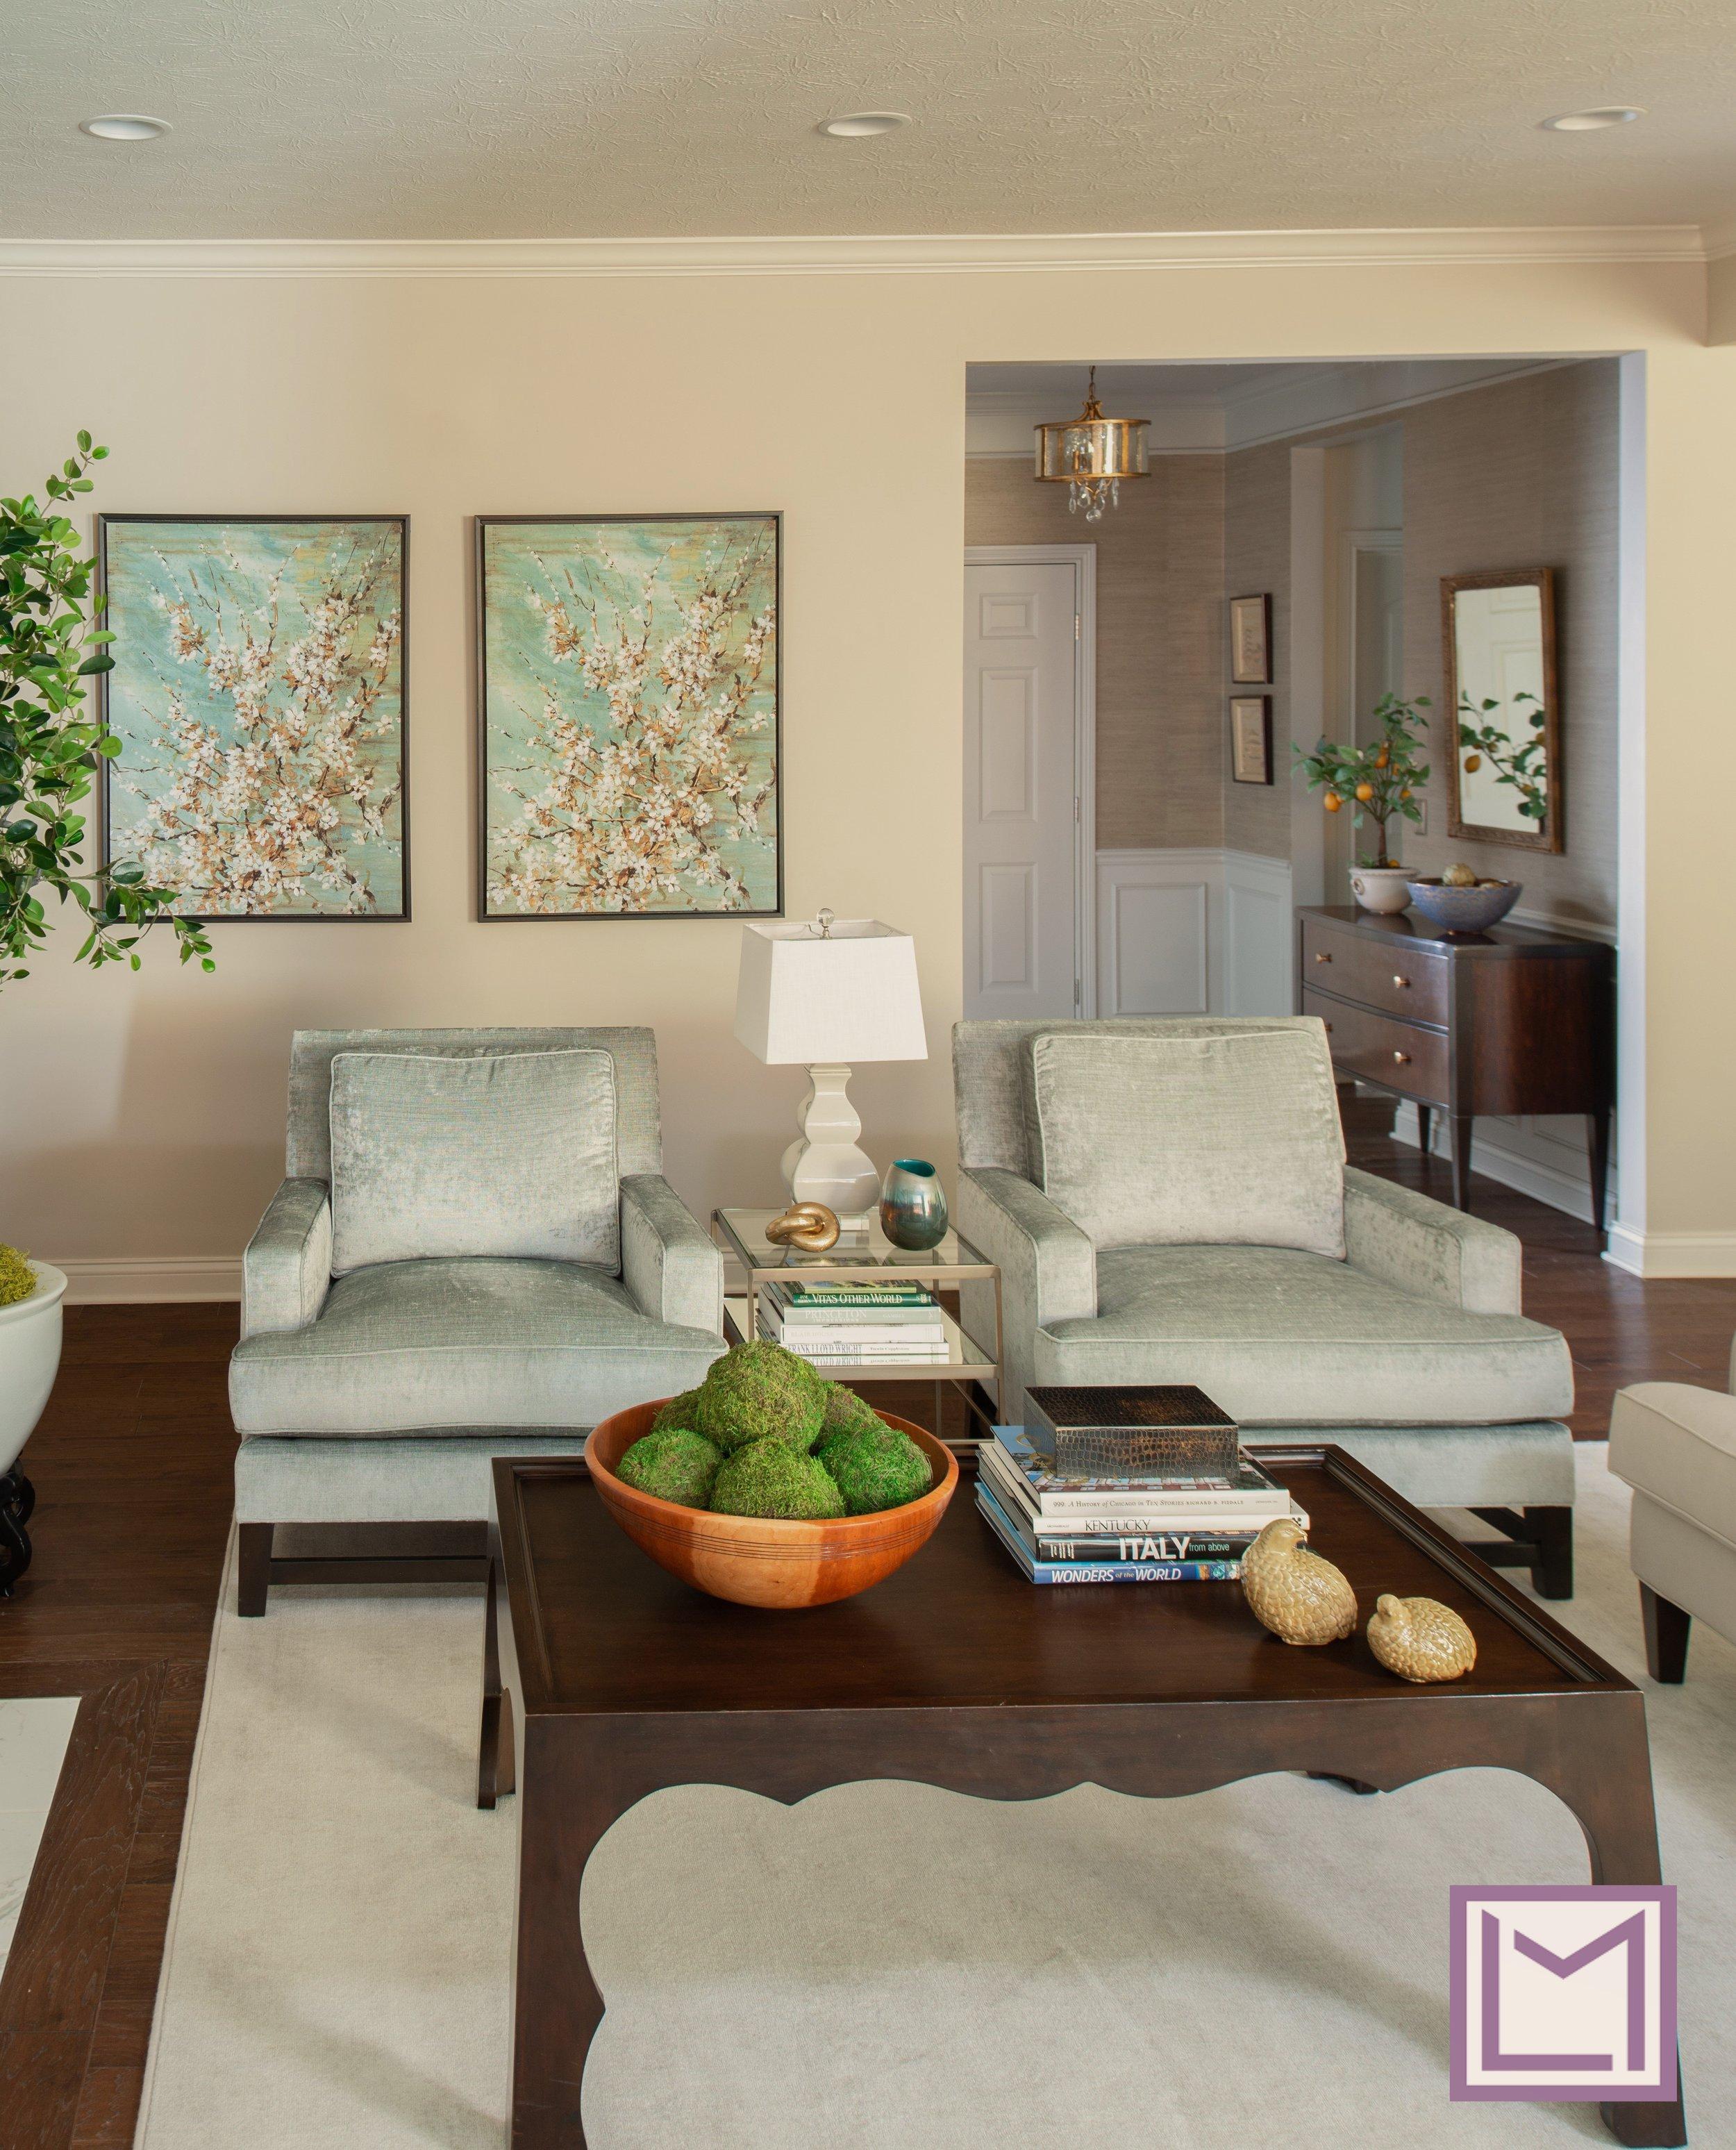 D_Living Room Foyer - Watermark - USE.jpg